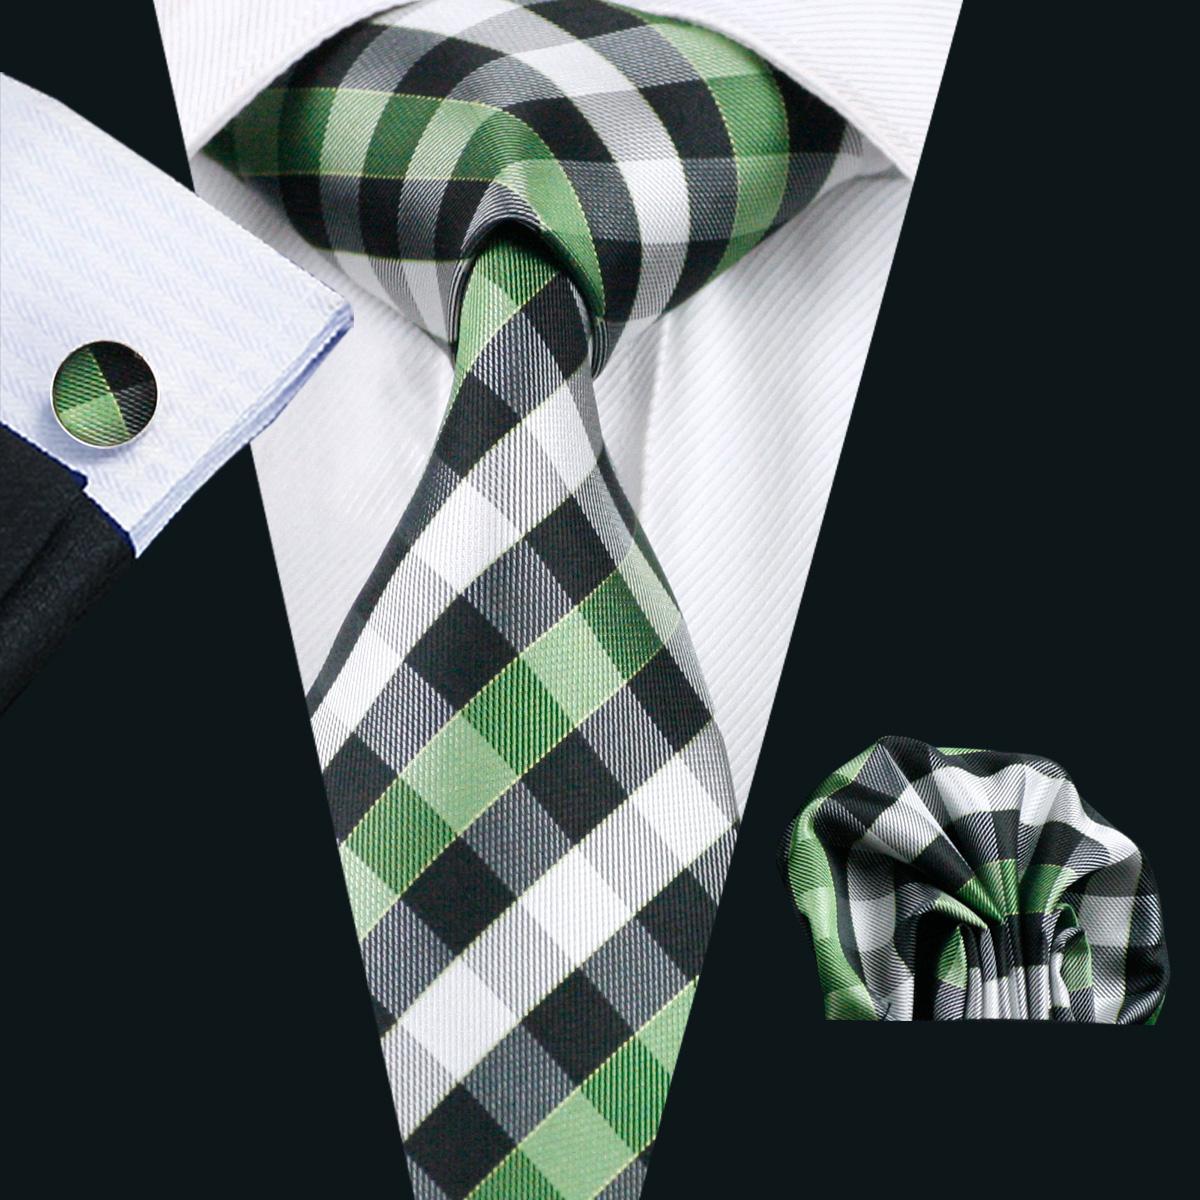 Verde Plaid Tie Pocket Piazza gemelli Set jacquard in seta Mens Tie Set lavoro convenzionale di affari Riunione Tempo libero N-0942